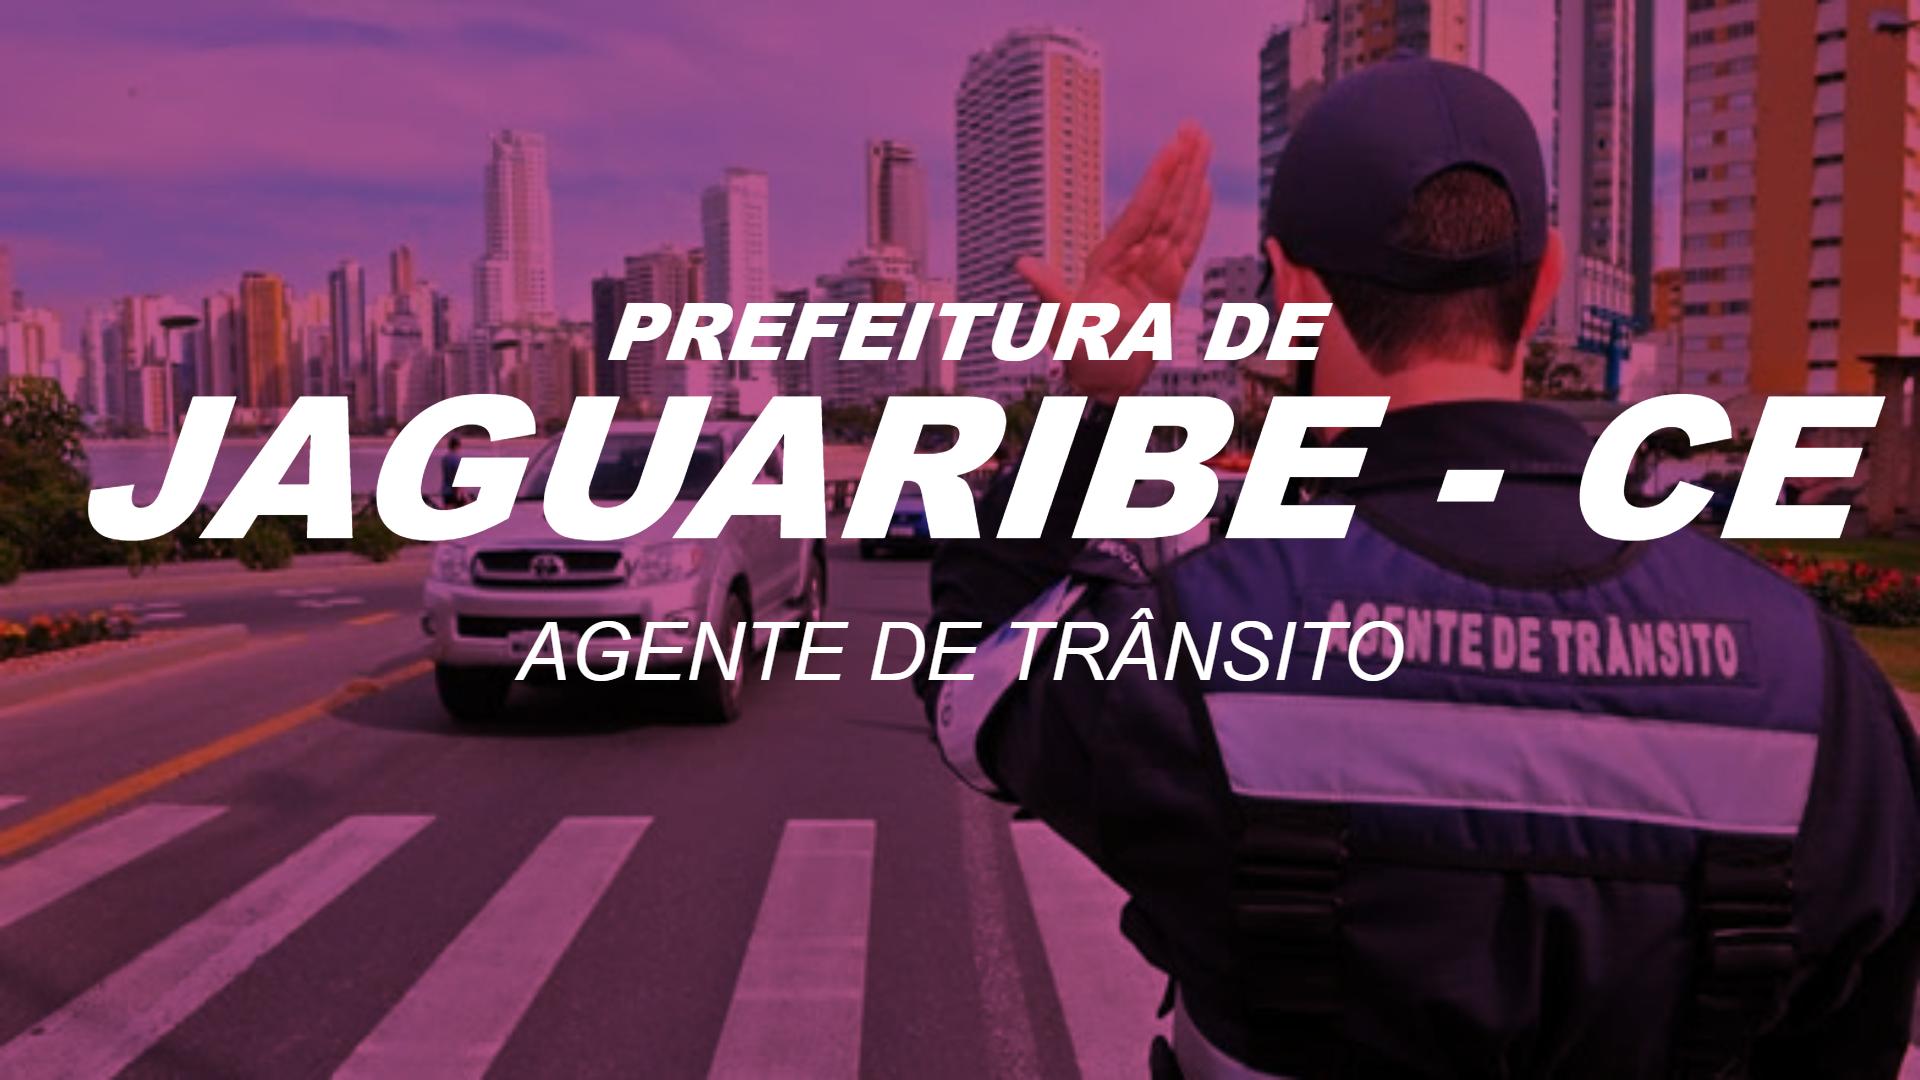 Agente de Trânsito da Prefeitura de Jaguaribe - CE